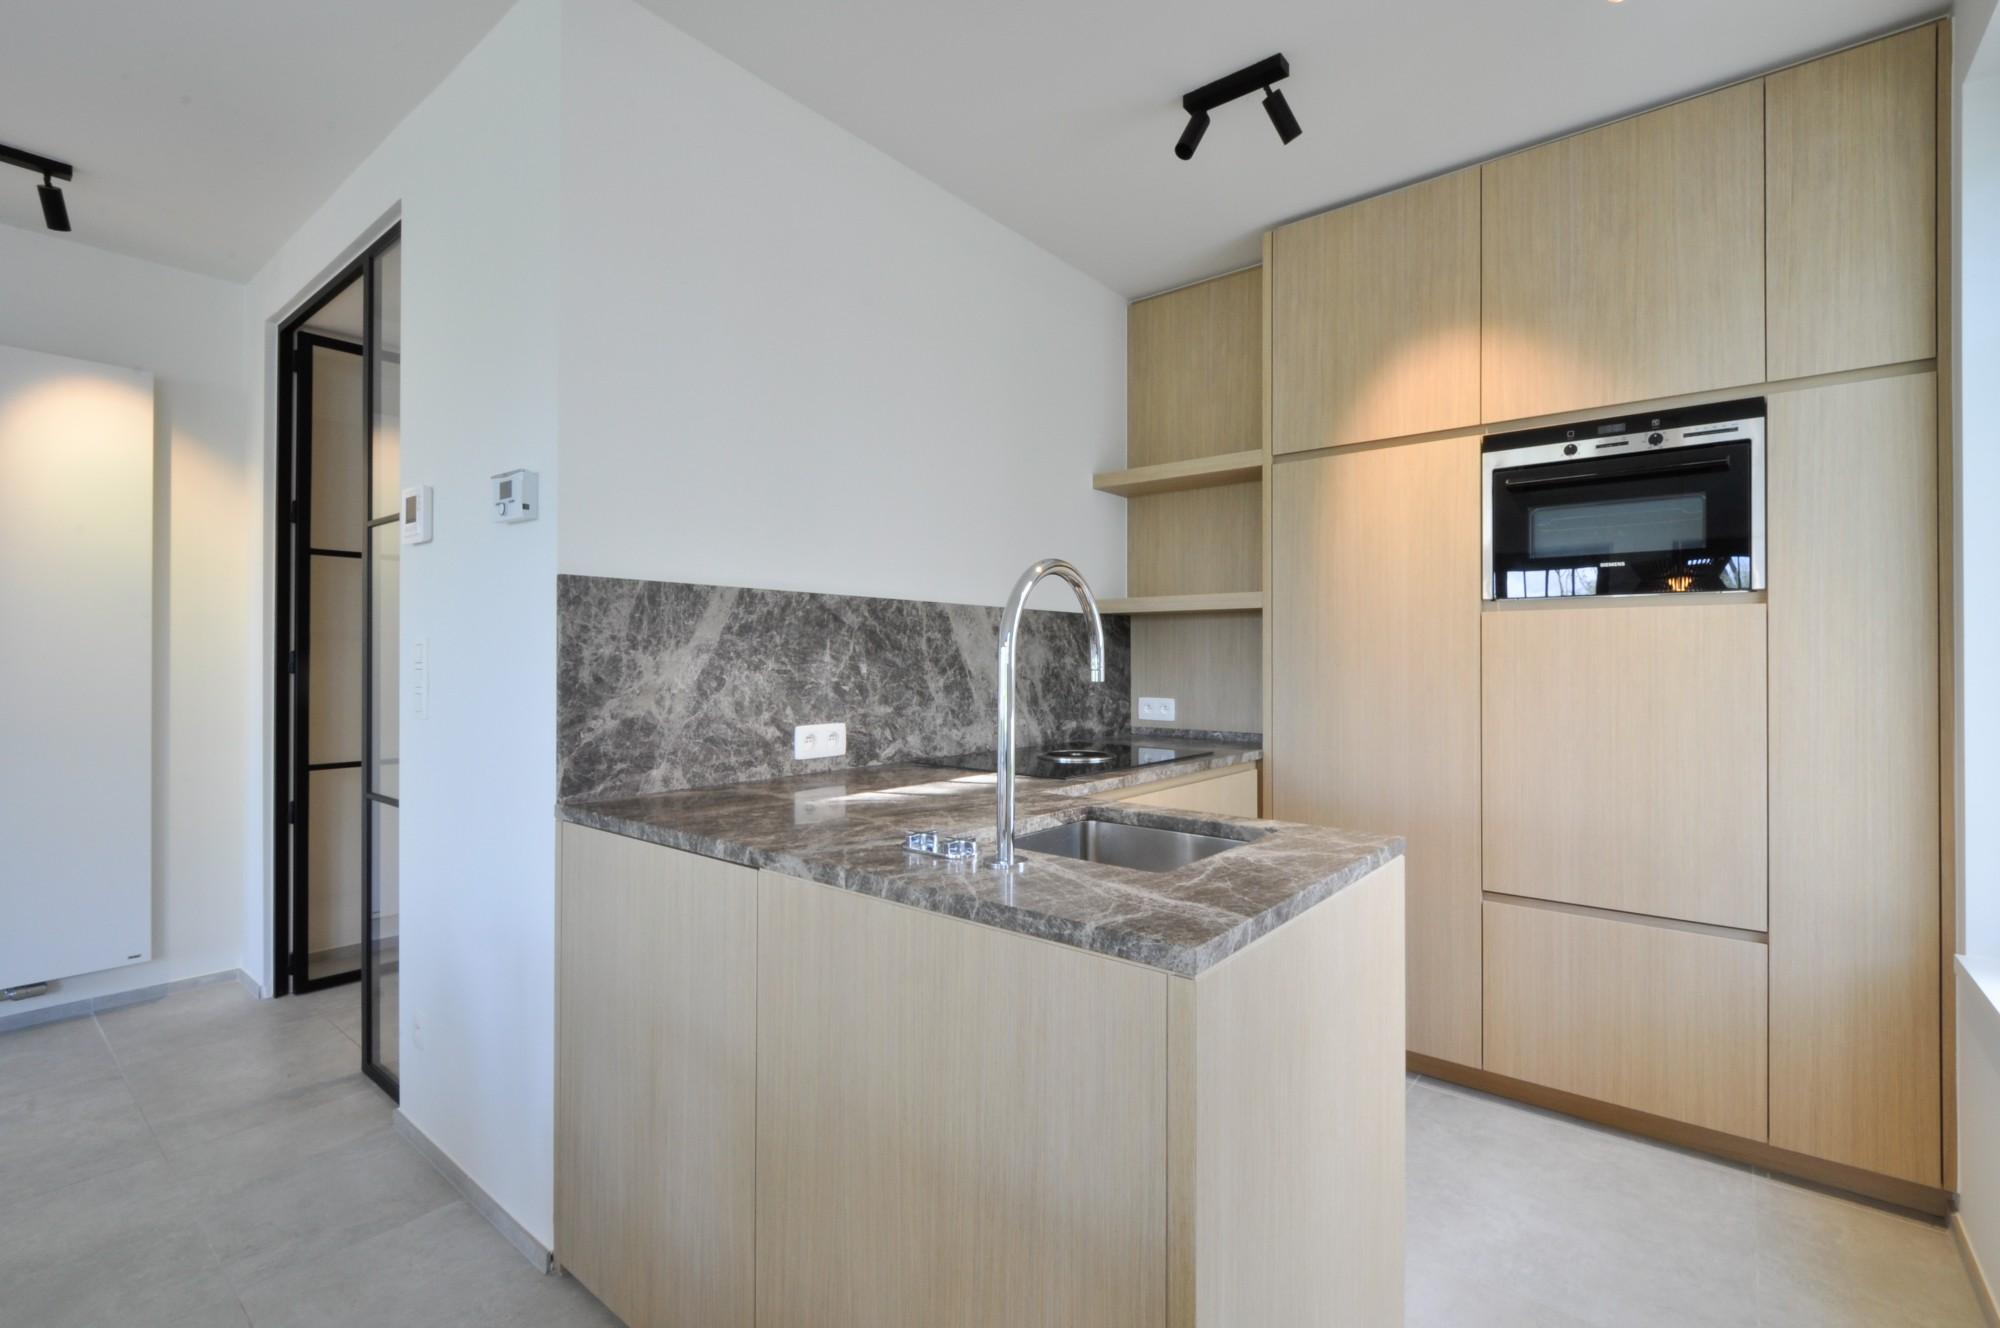 Verkoop Appartement T2 F2 Knokke-Heist - Duinenwater / Meerzicht ...